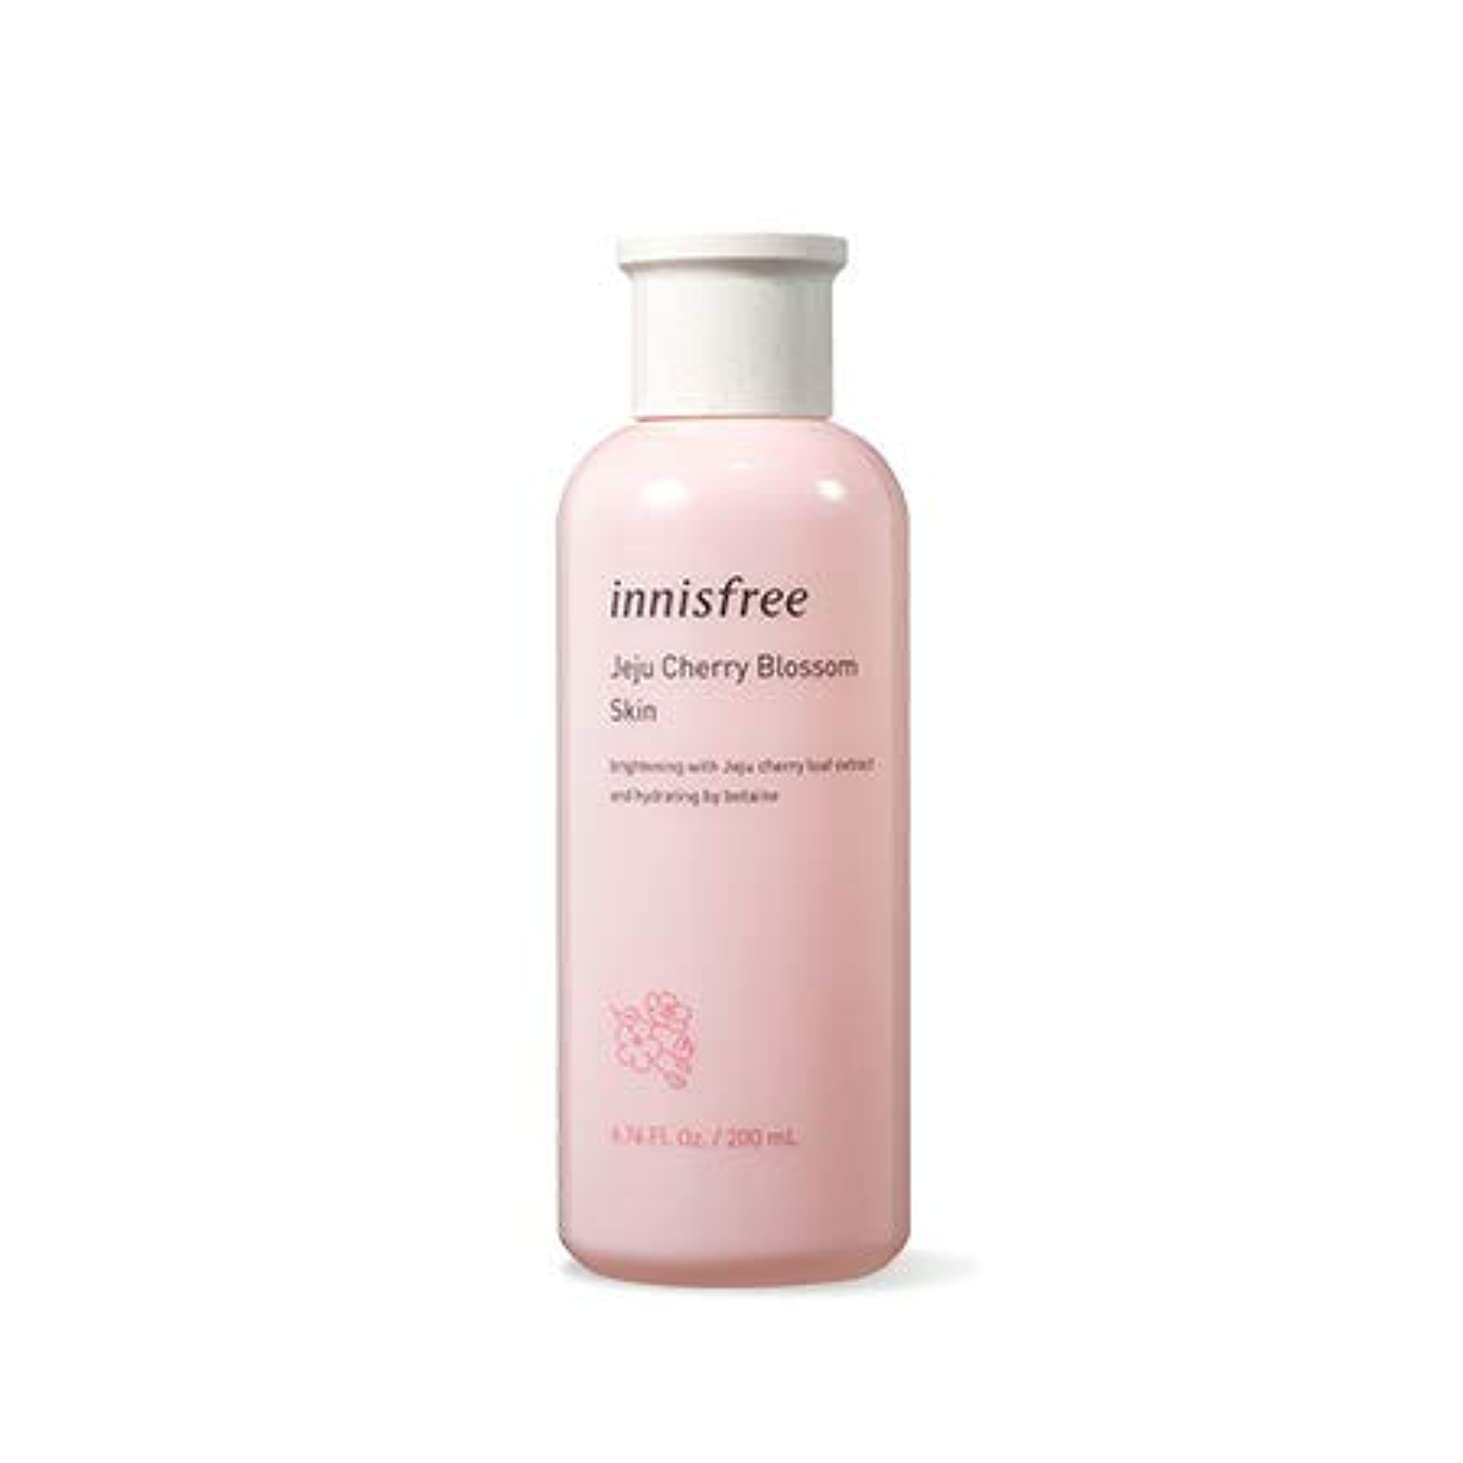 コミットパーク関係ないイニスフリー 済州 チェリー ブラッサム スキン 200ml / Innisfree Jeju Cherry Blossom Skin 200ml [並行輸入品]